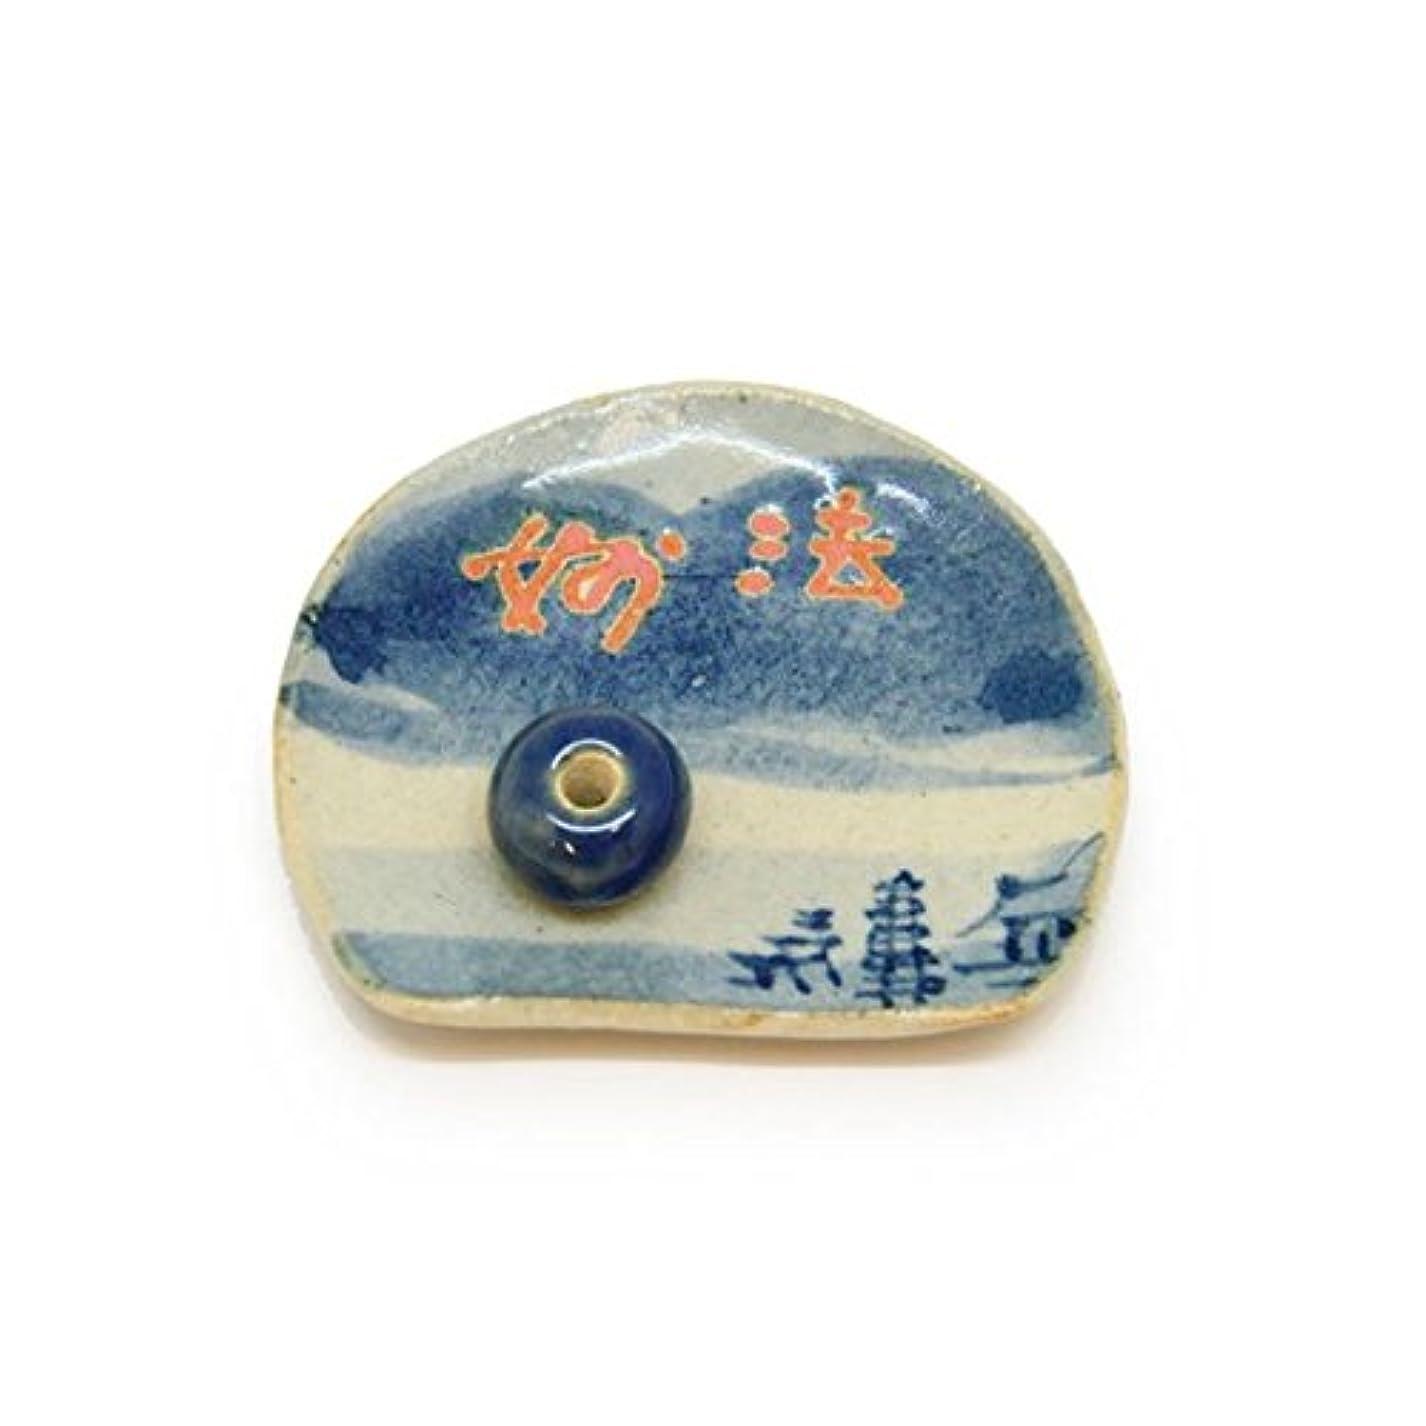 維持する抑圧放棄された香皿 京の風物詩 夏 「妙法」